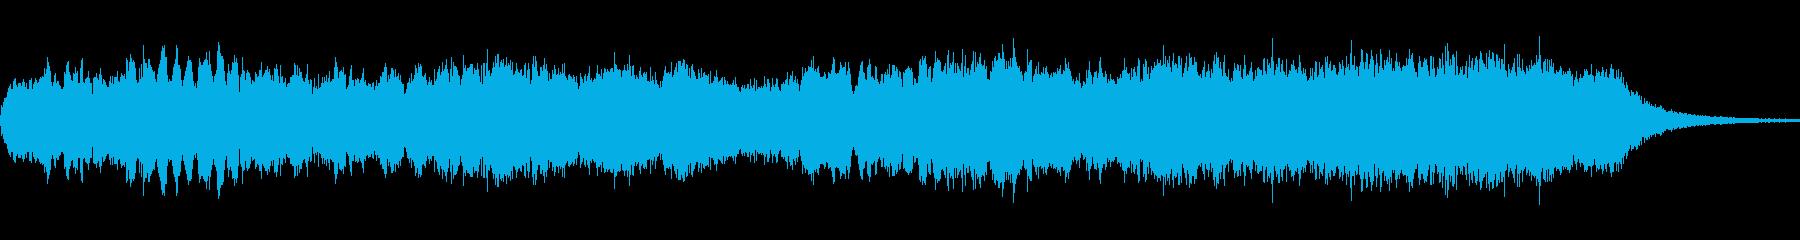 アンビエントホーンティングインスト...の再生済みの波形